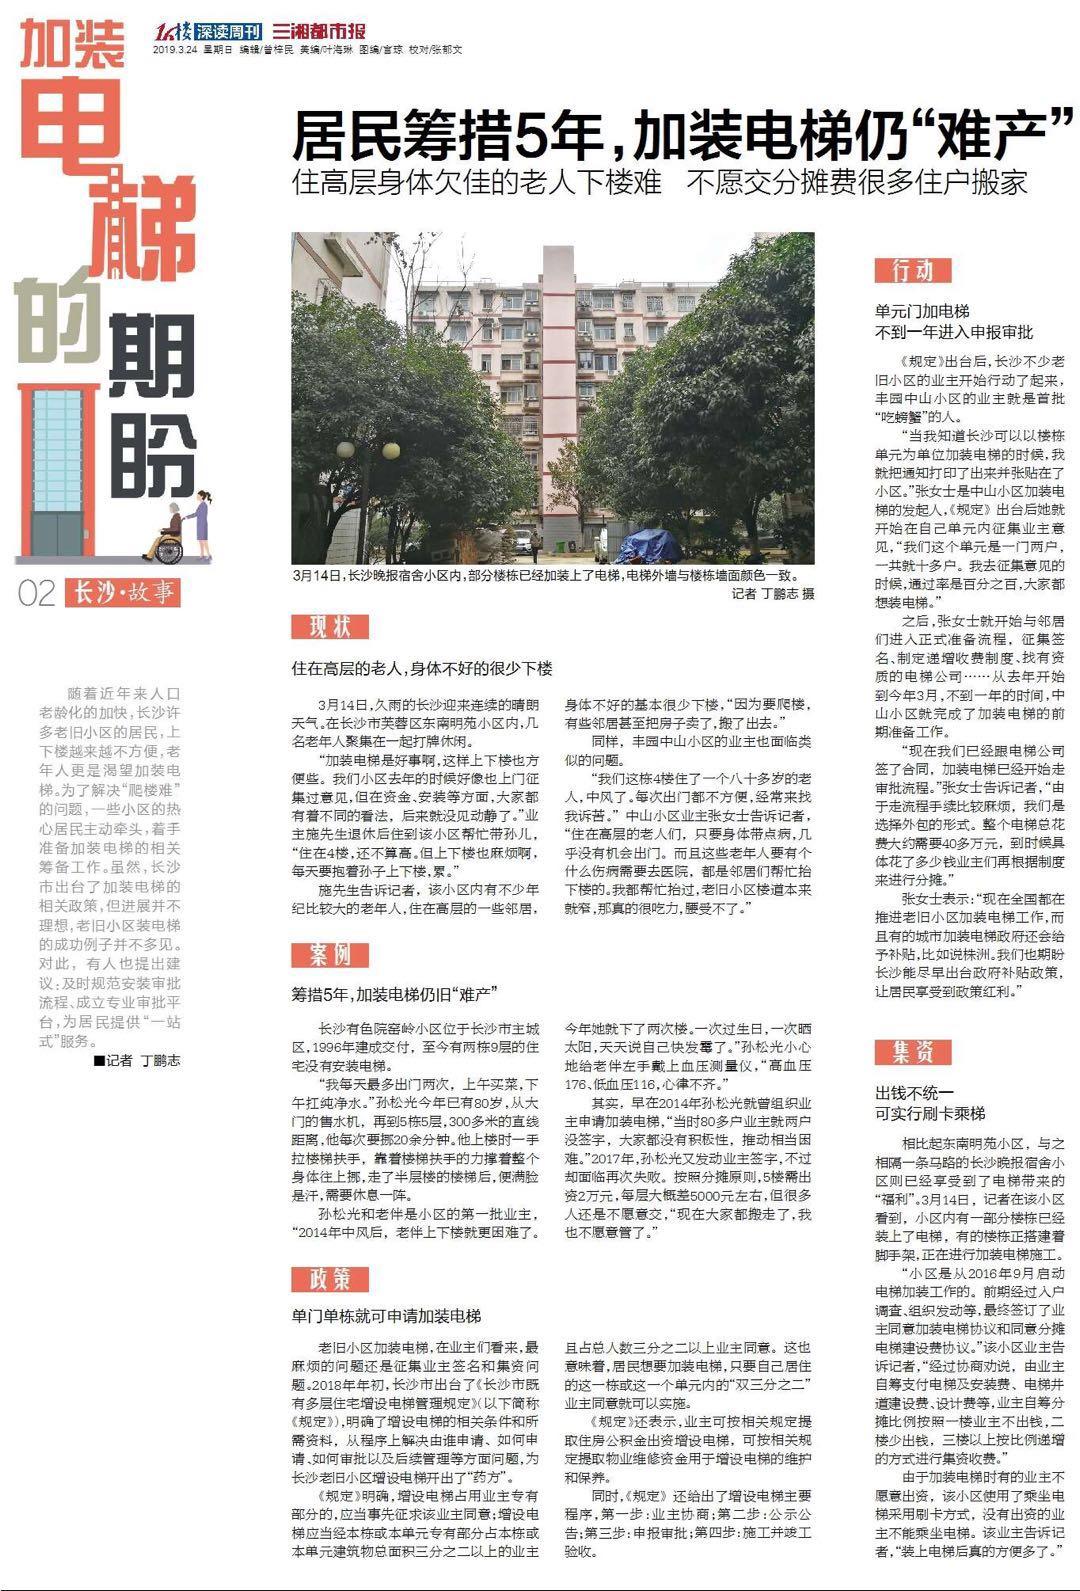 长沙·故事 | 居民筹措5年,加装电梯仍...